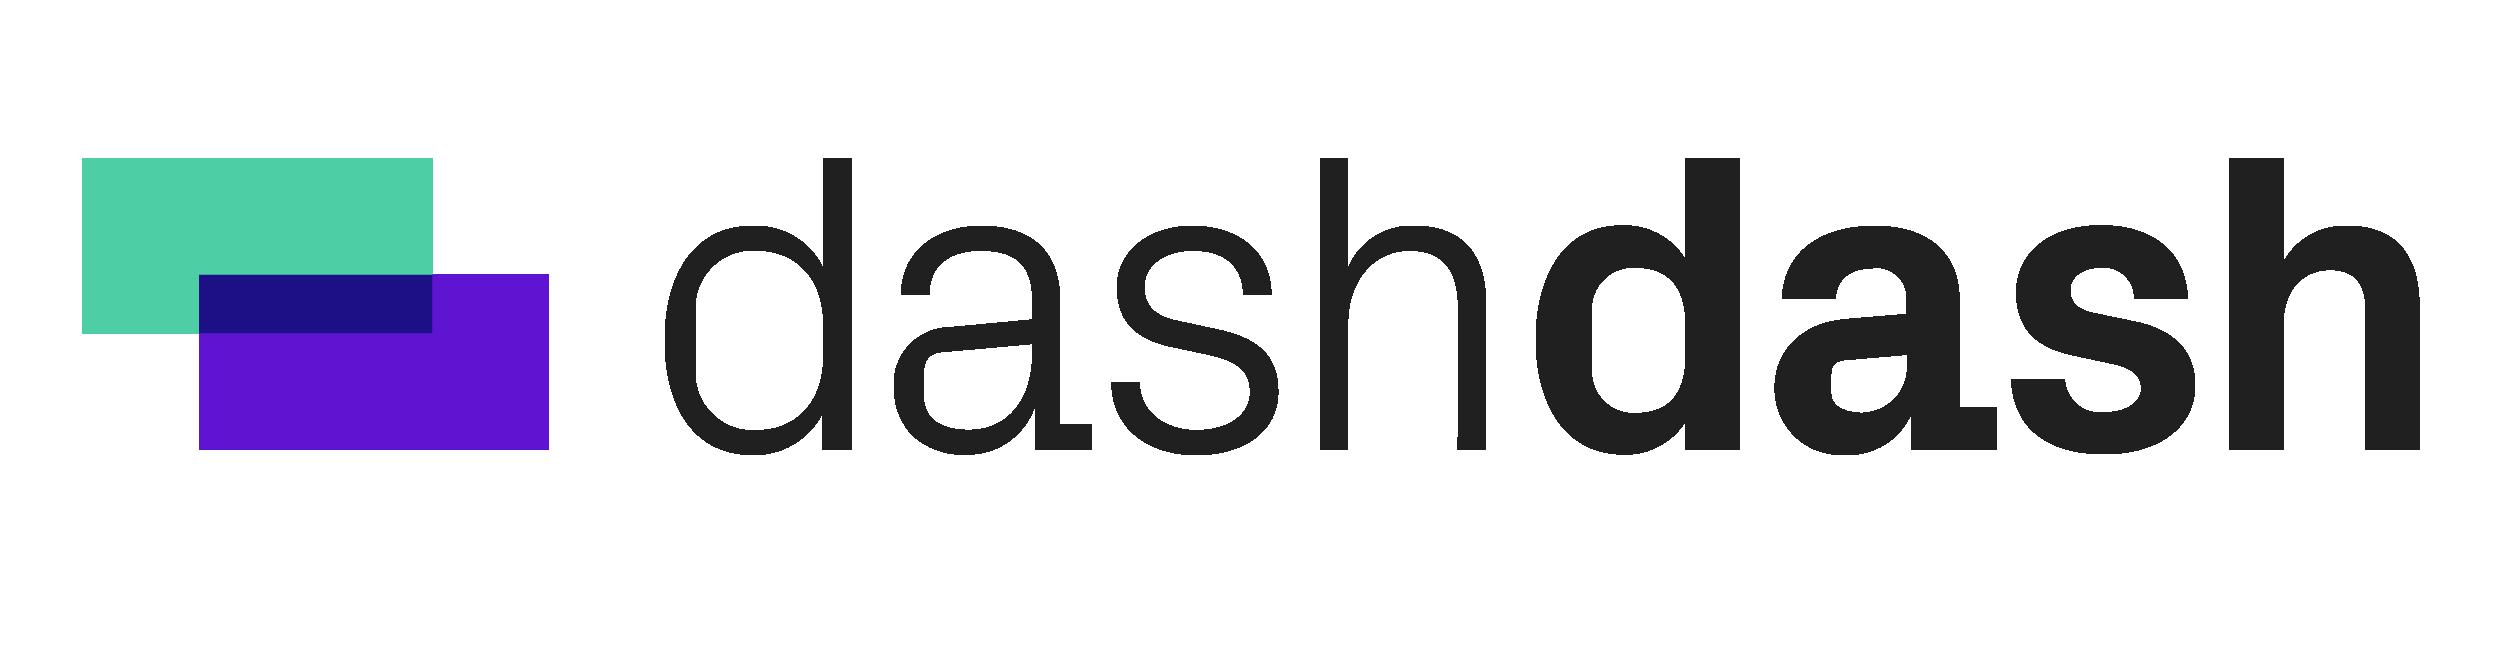 DashDash